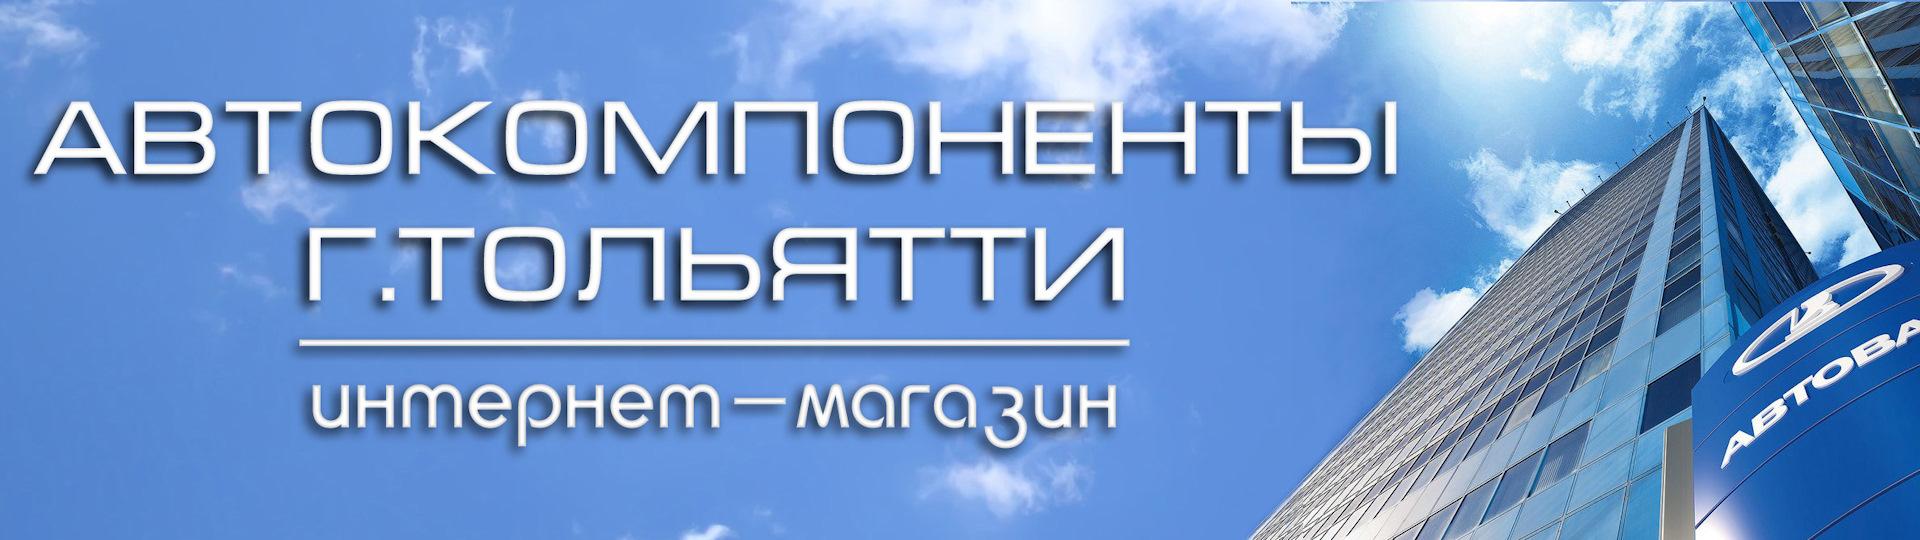 Автокомпоненты Город Тольятти Интернет Магазин